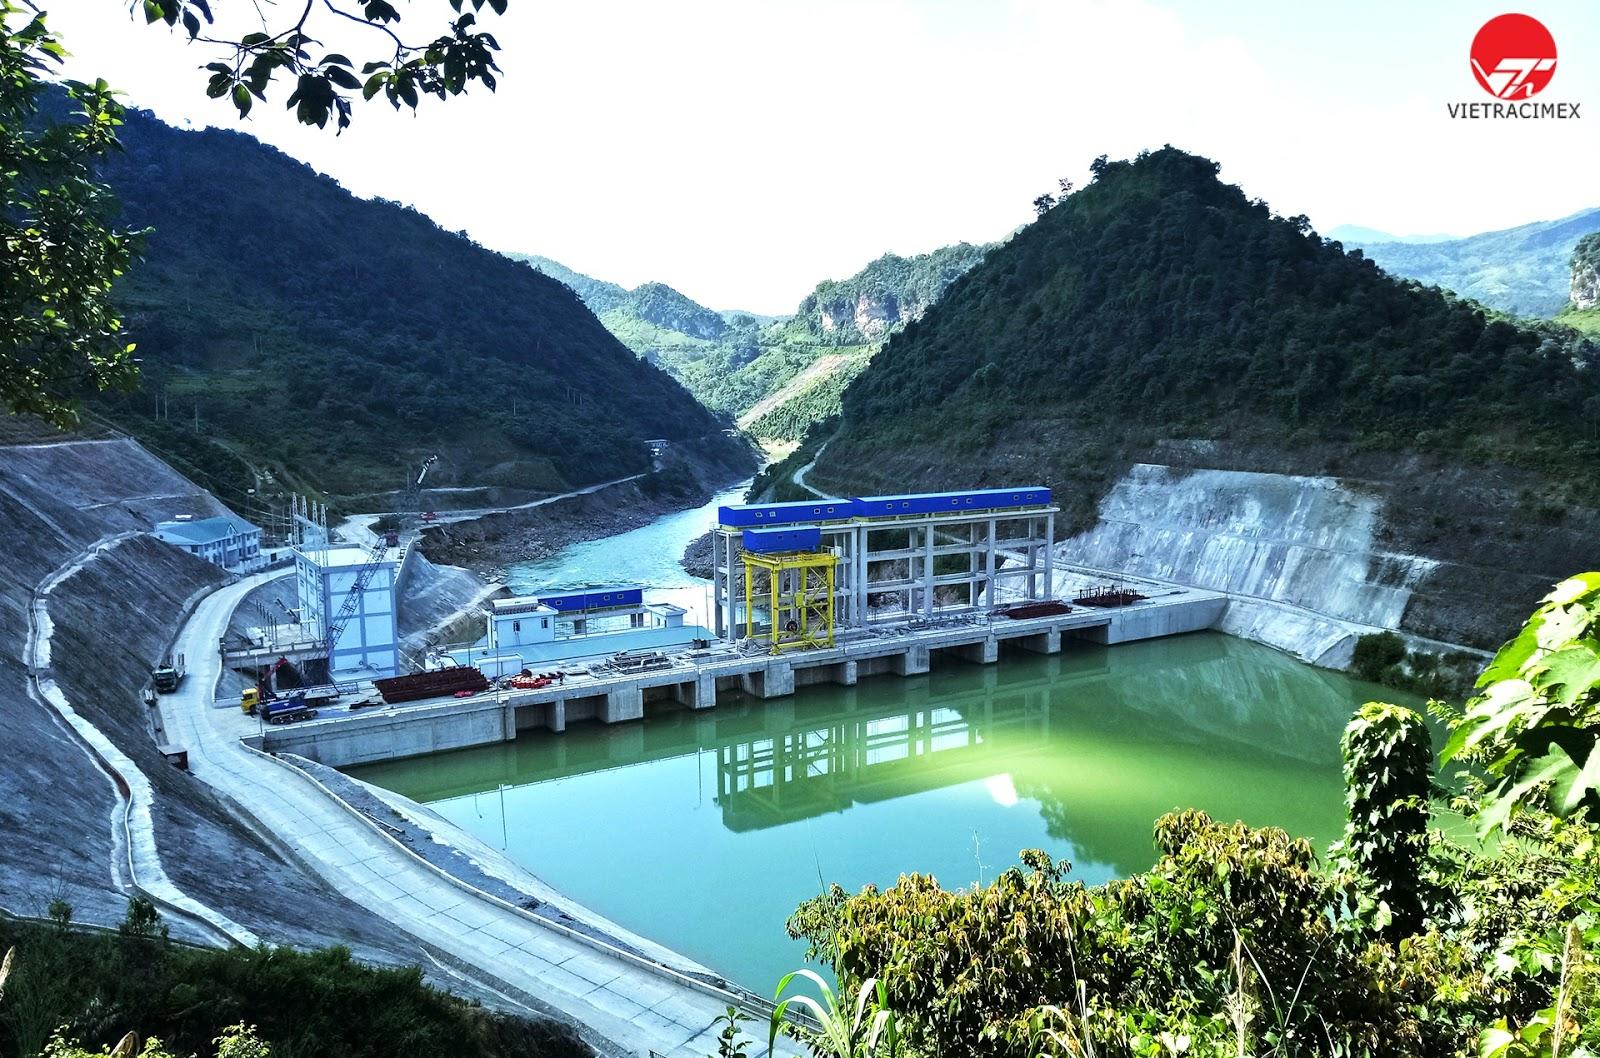 Nhà máy thuỷ điện Vietrcimex đã triển khai xây dựng